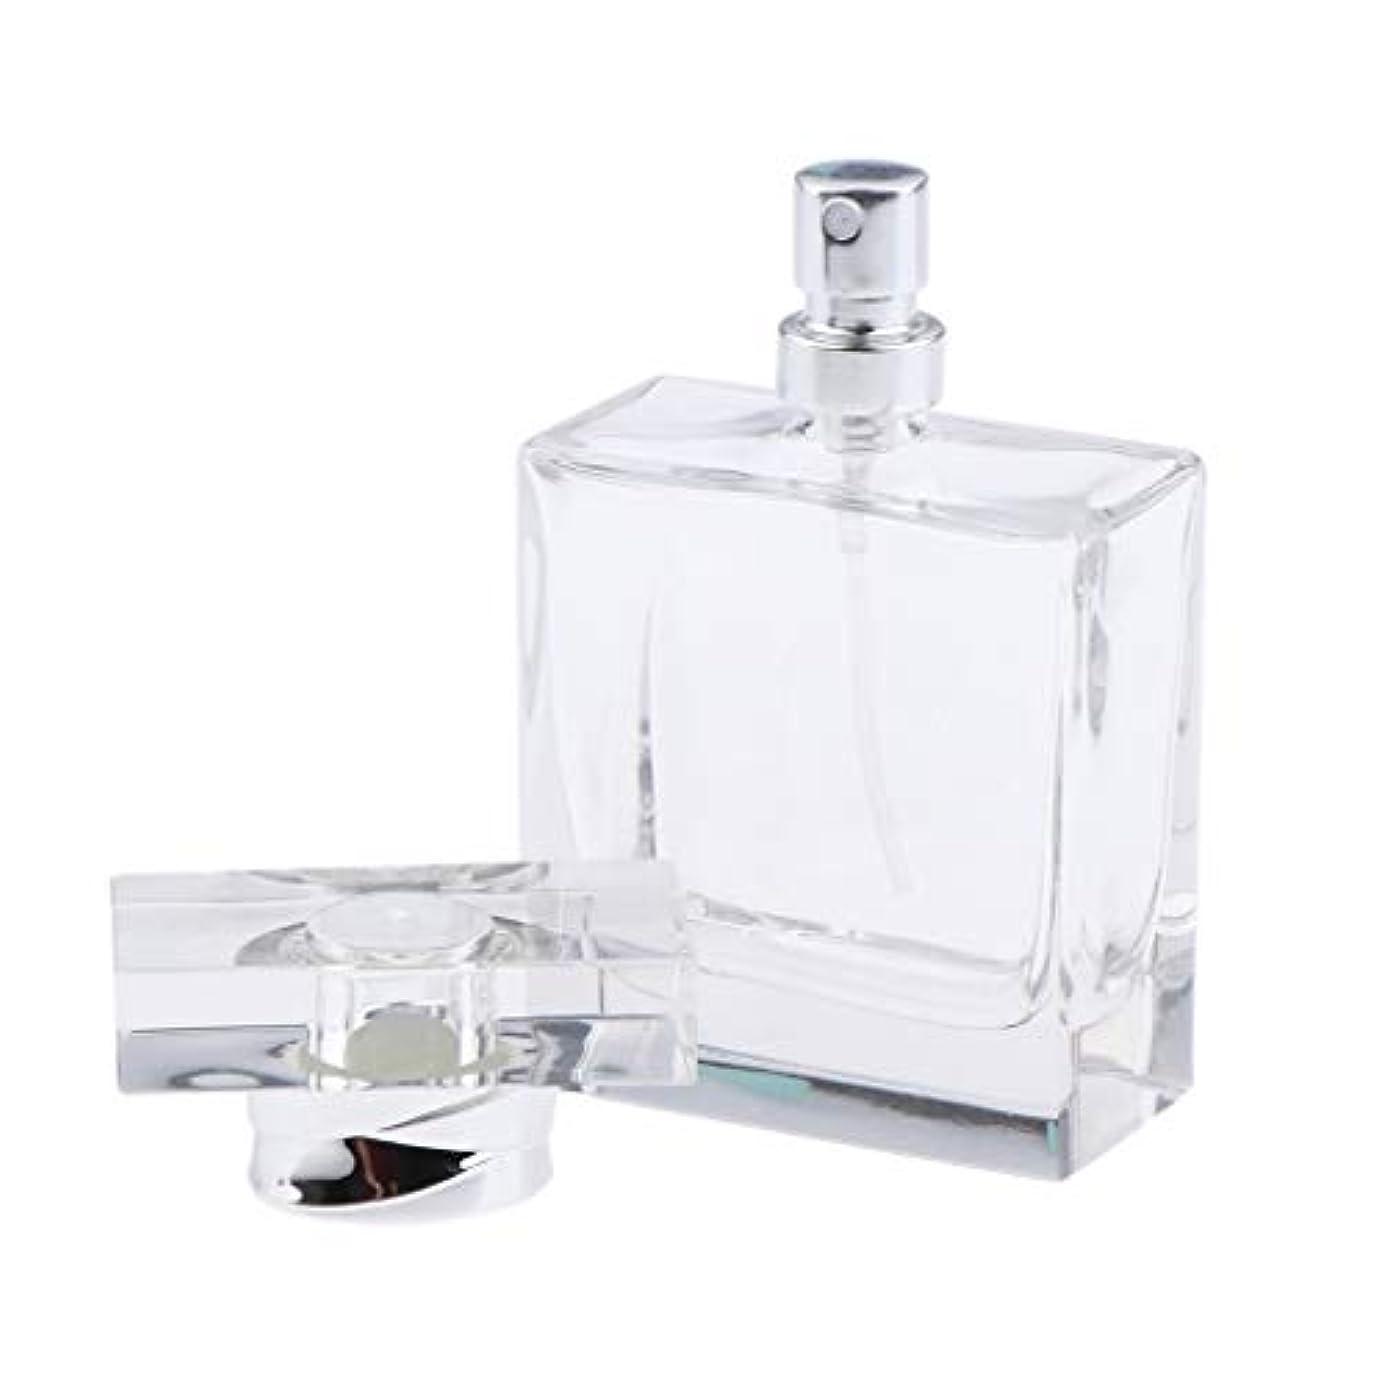 石あいまいなスカウト香水ボトル ガラス 香水瓶 50ml ポータブル 旅行 小分け容器 化粧ボトル